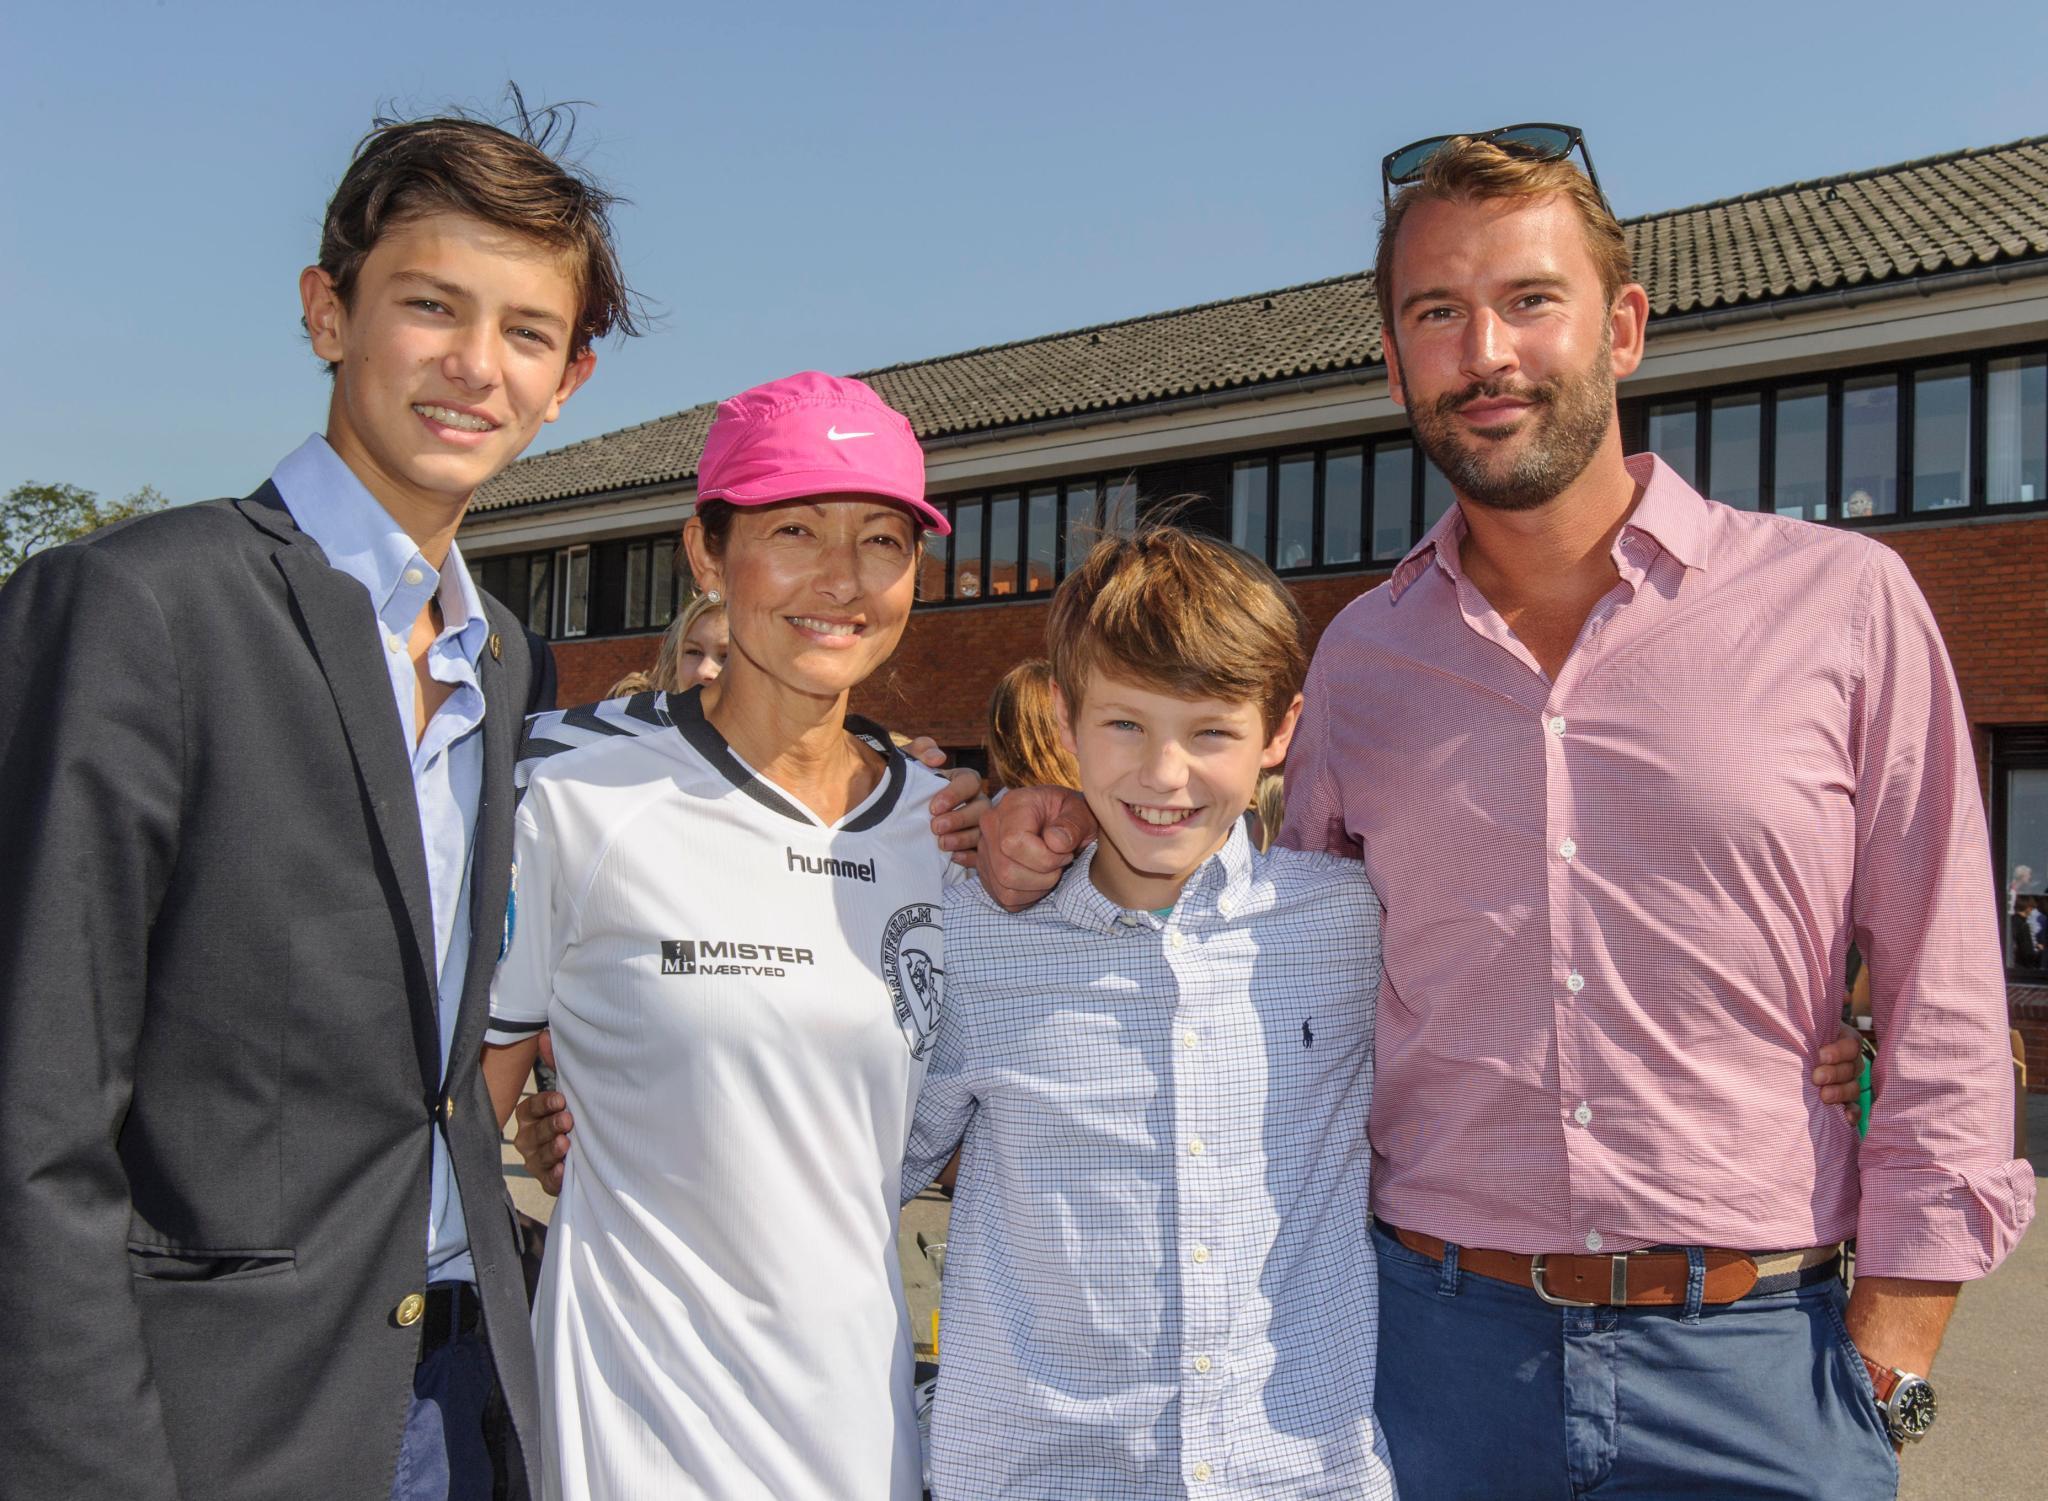 Nikolai und Felix mit ihrer Mutter Alexandra und ihrem Ersatzvater Martin Jørgensen 2014. Das Quartett zeigte sich bislang immer strahlend.